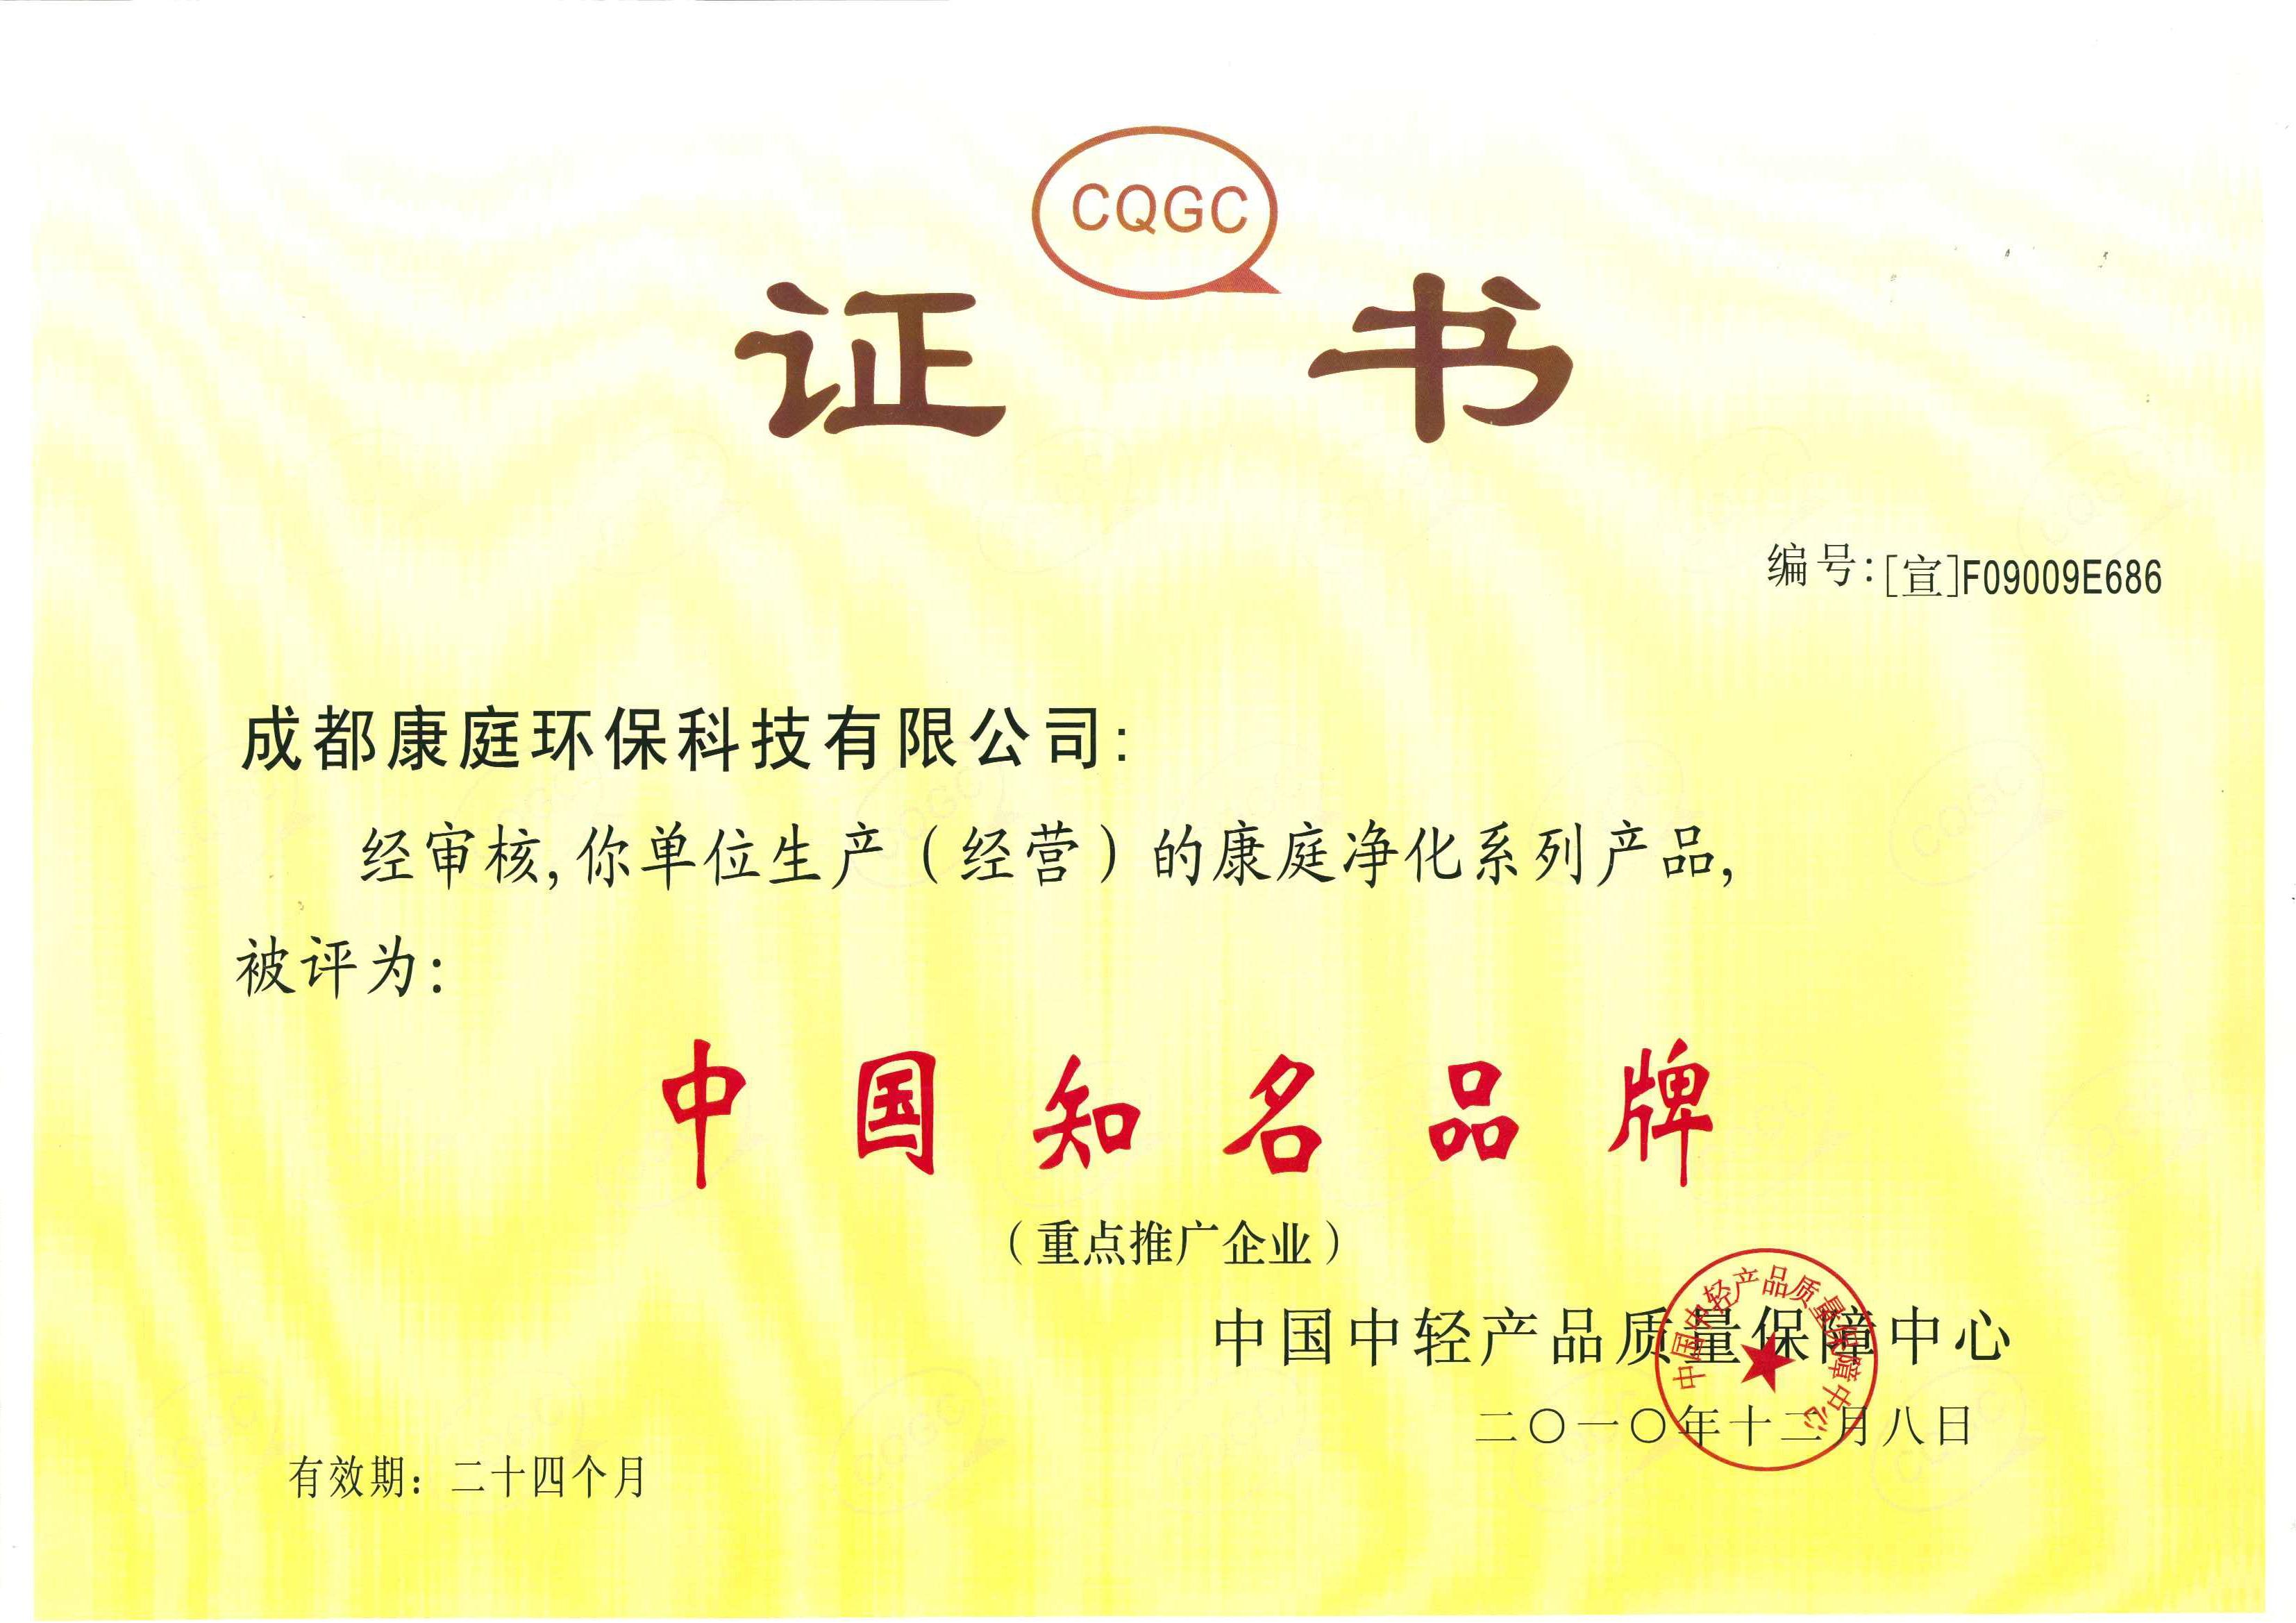 信誉AAA证书